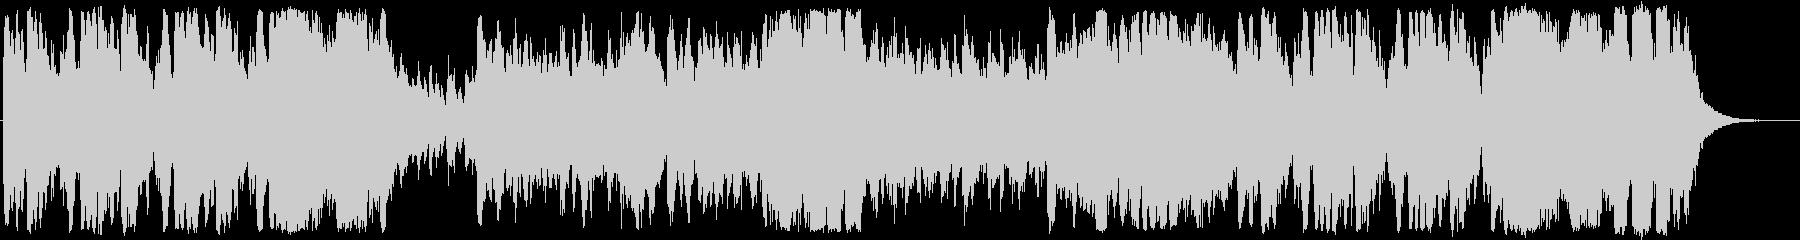 オーケストラ・アドベンチャー1の未再生の波形